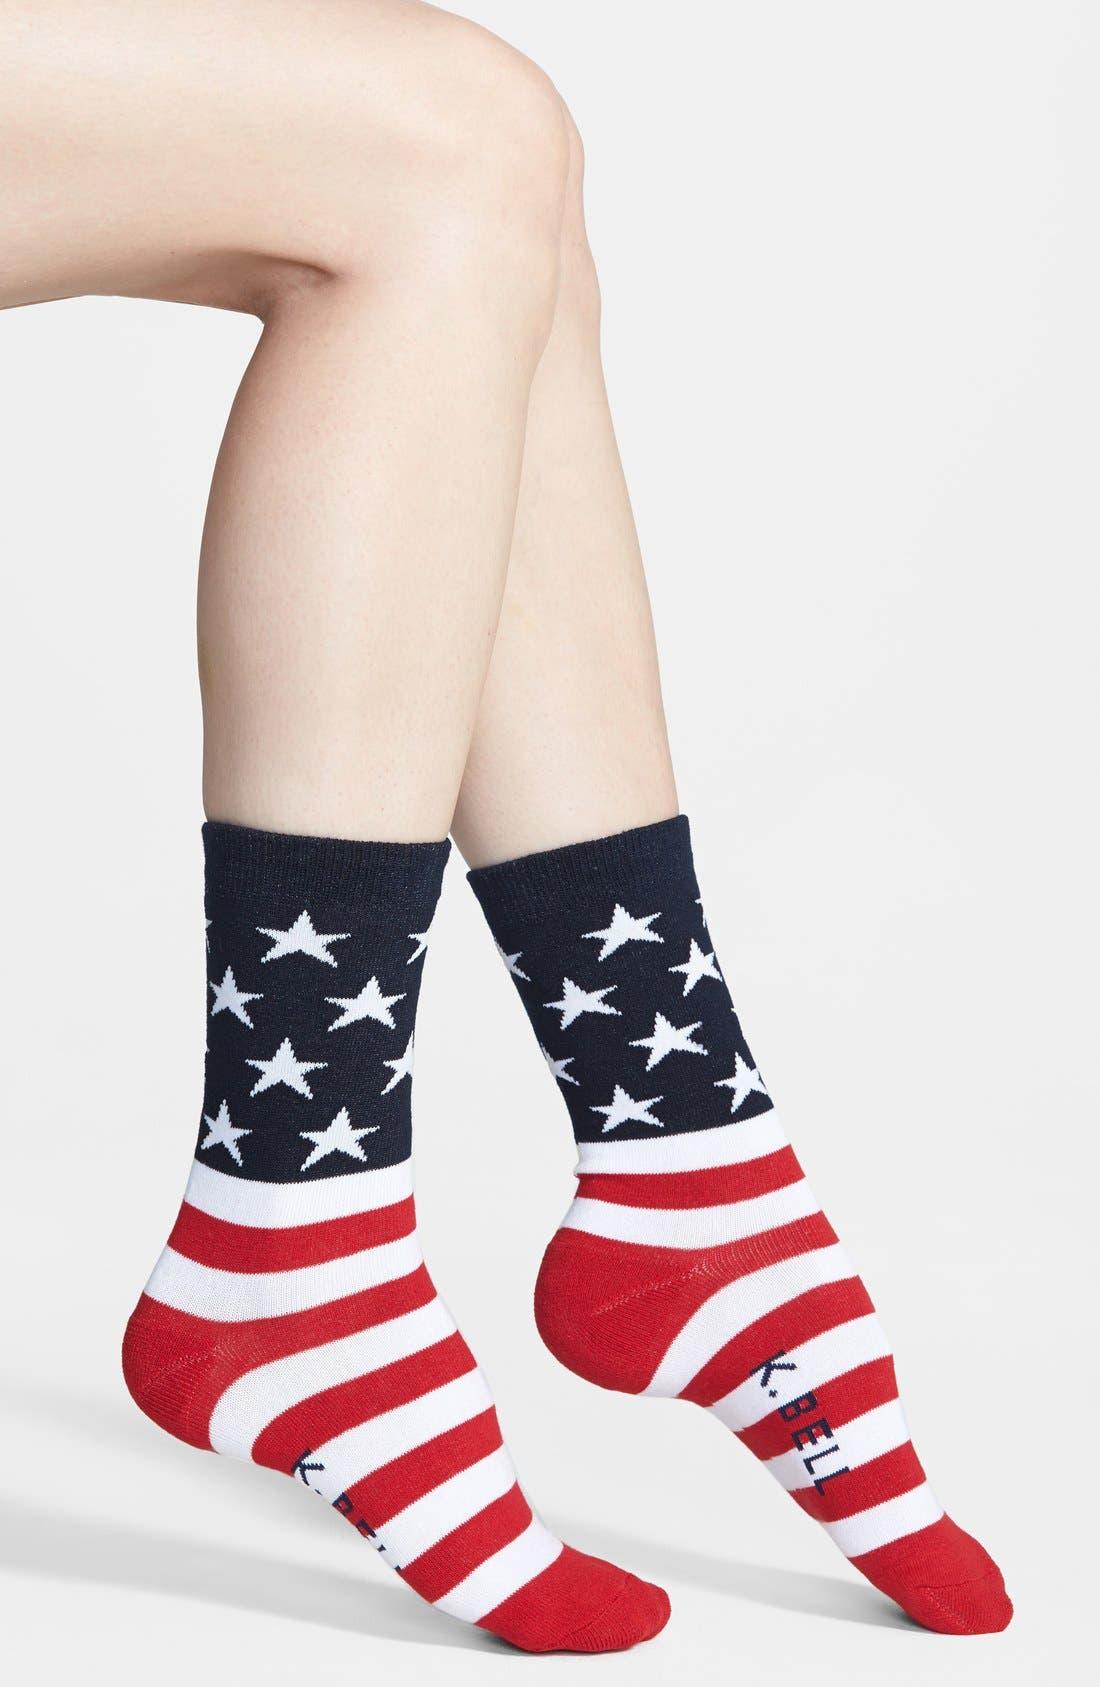 Main Image - K. Bell Socks 'American Flag' Crew Socks